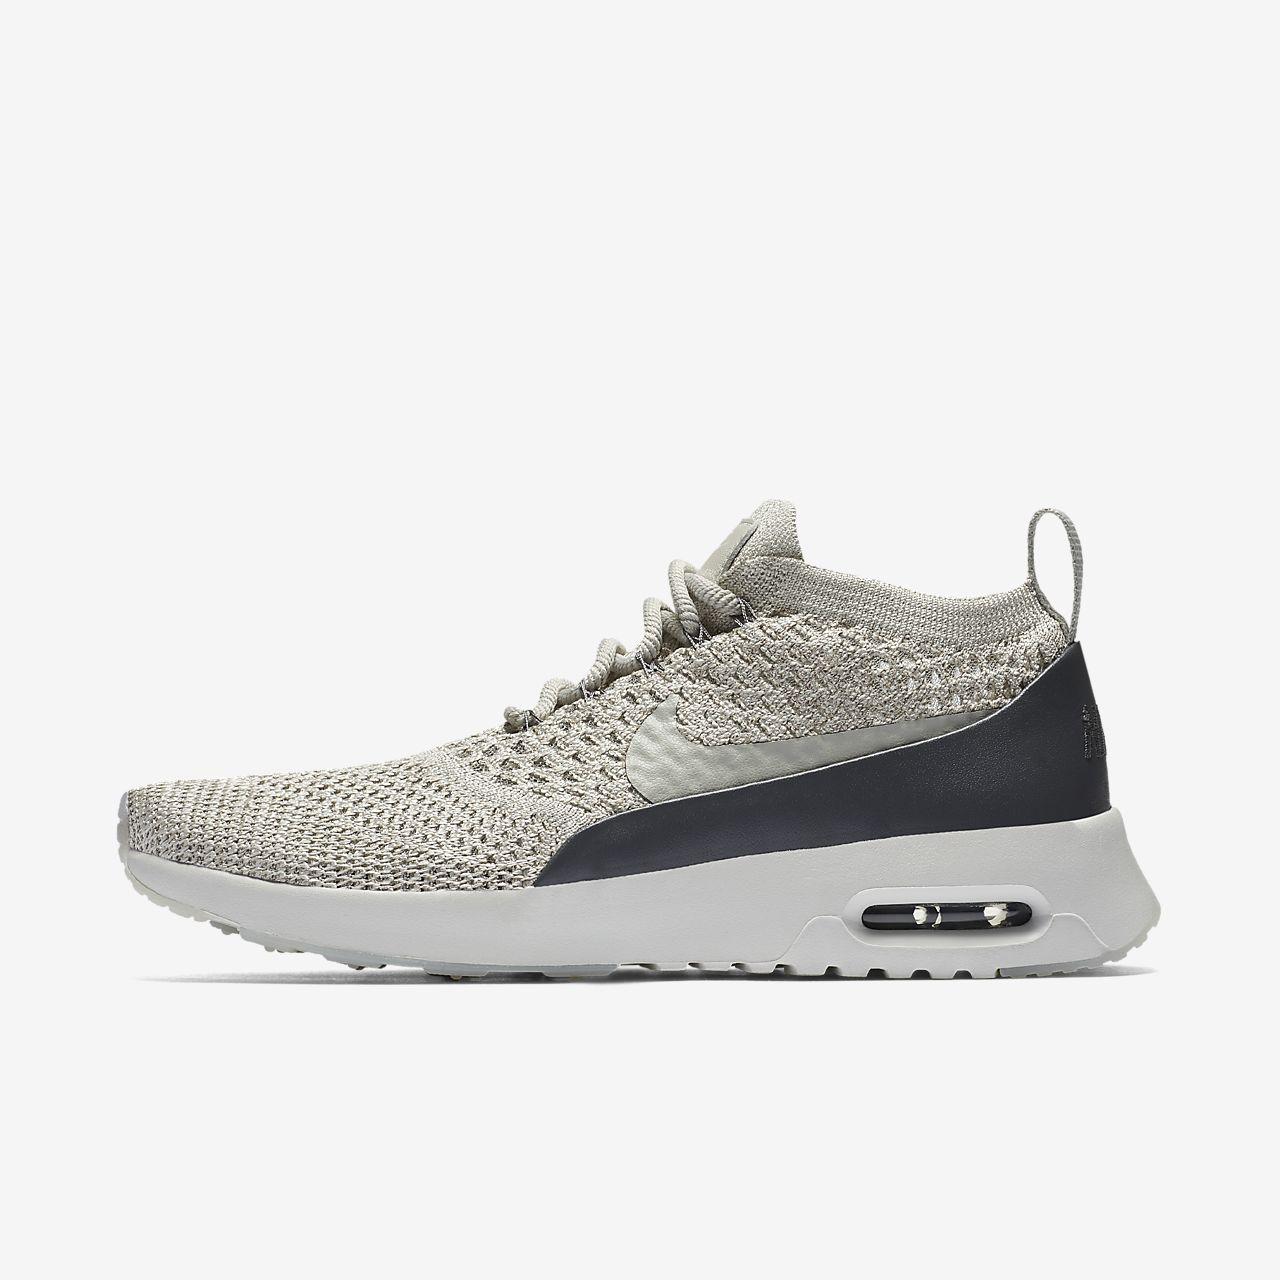 ... Sko Nike Air Max Thea Ultra Flyknit för kvinnor